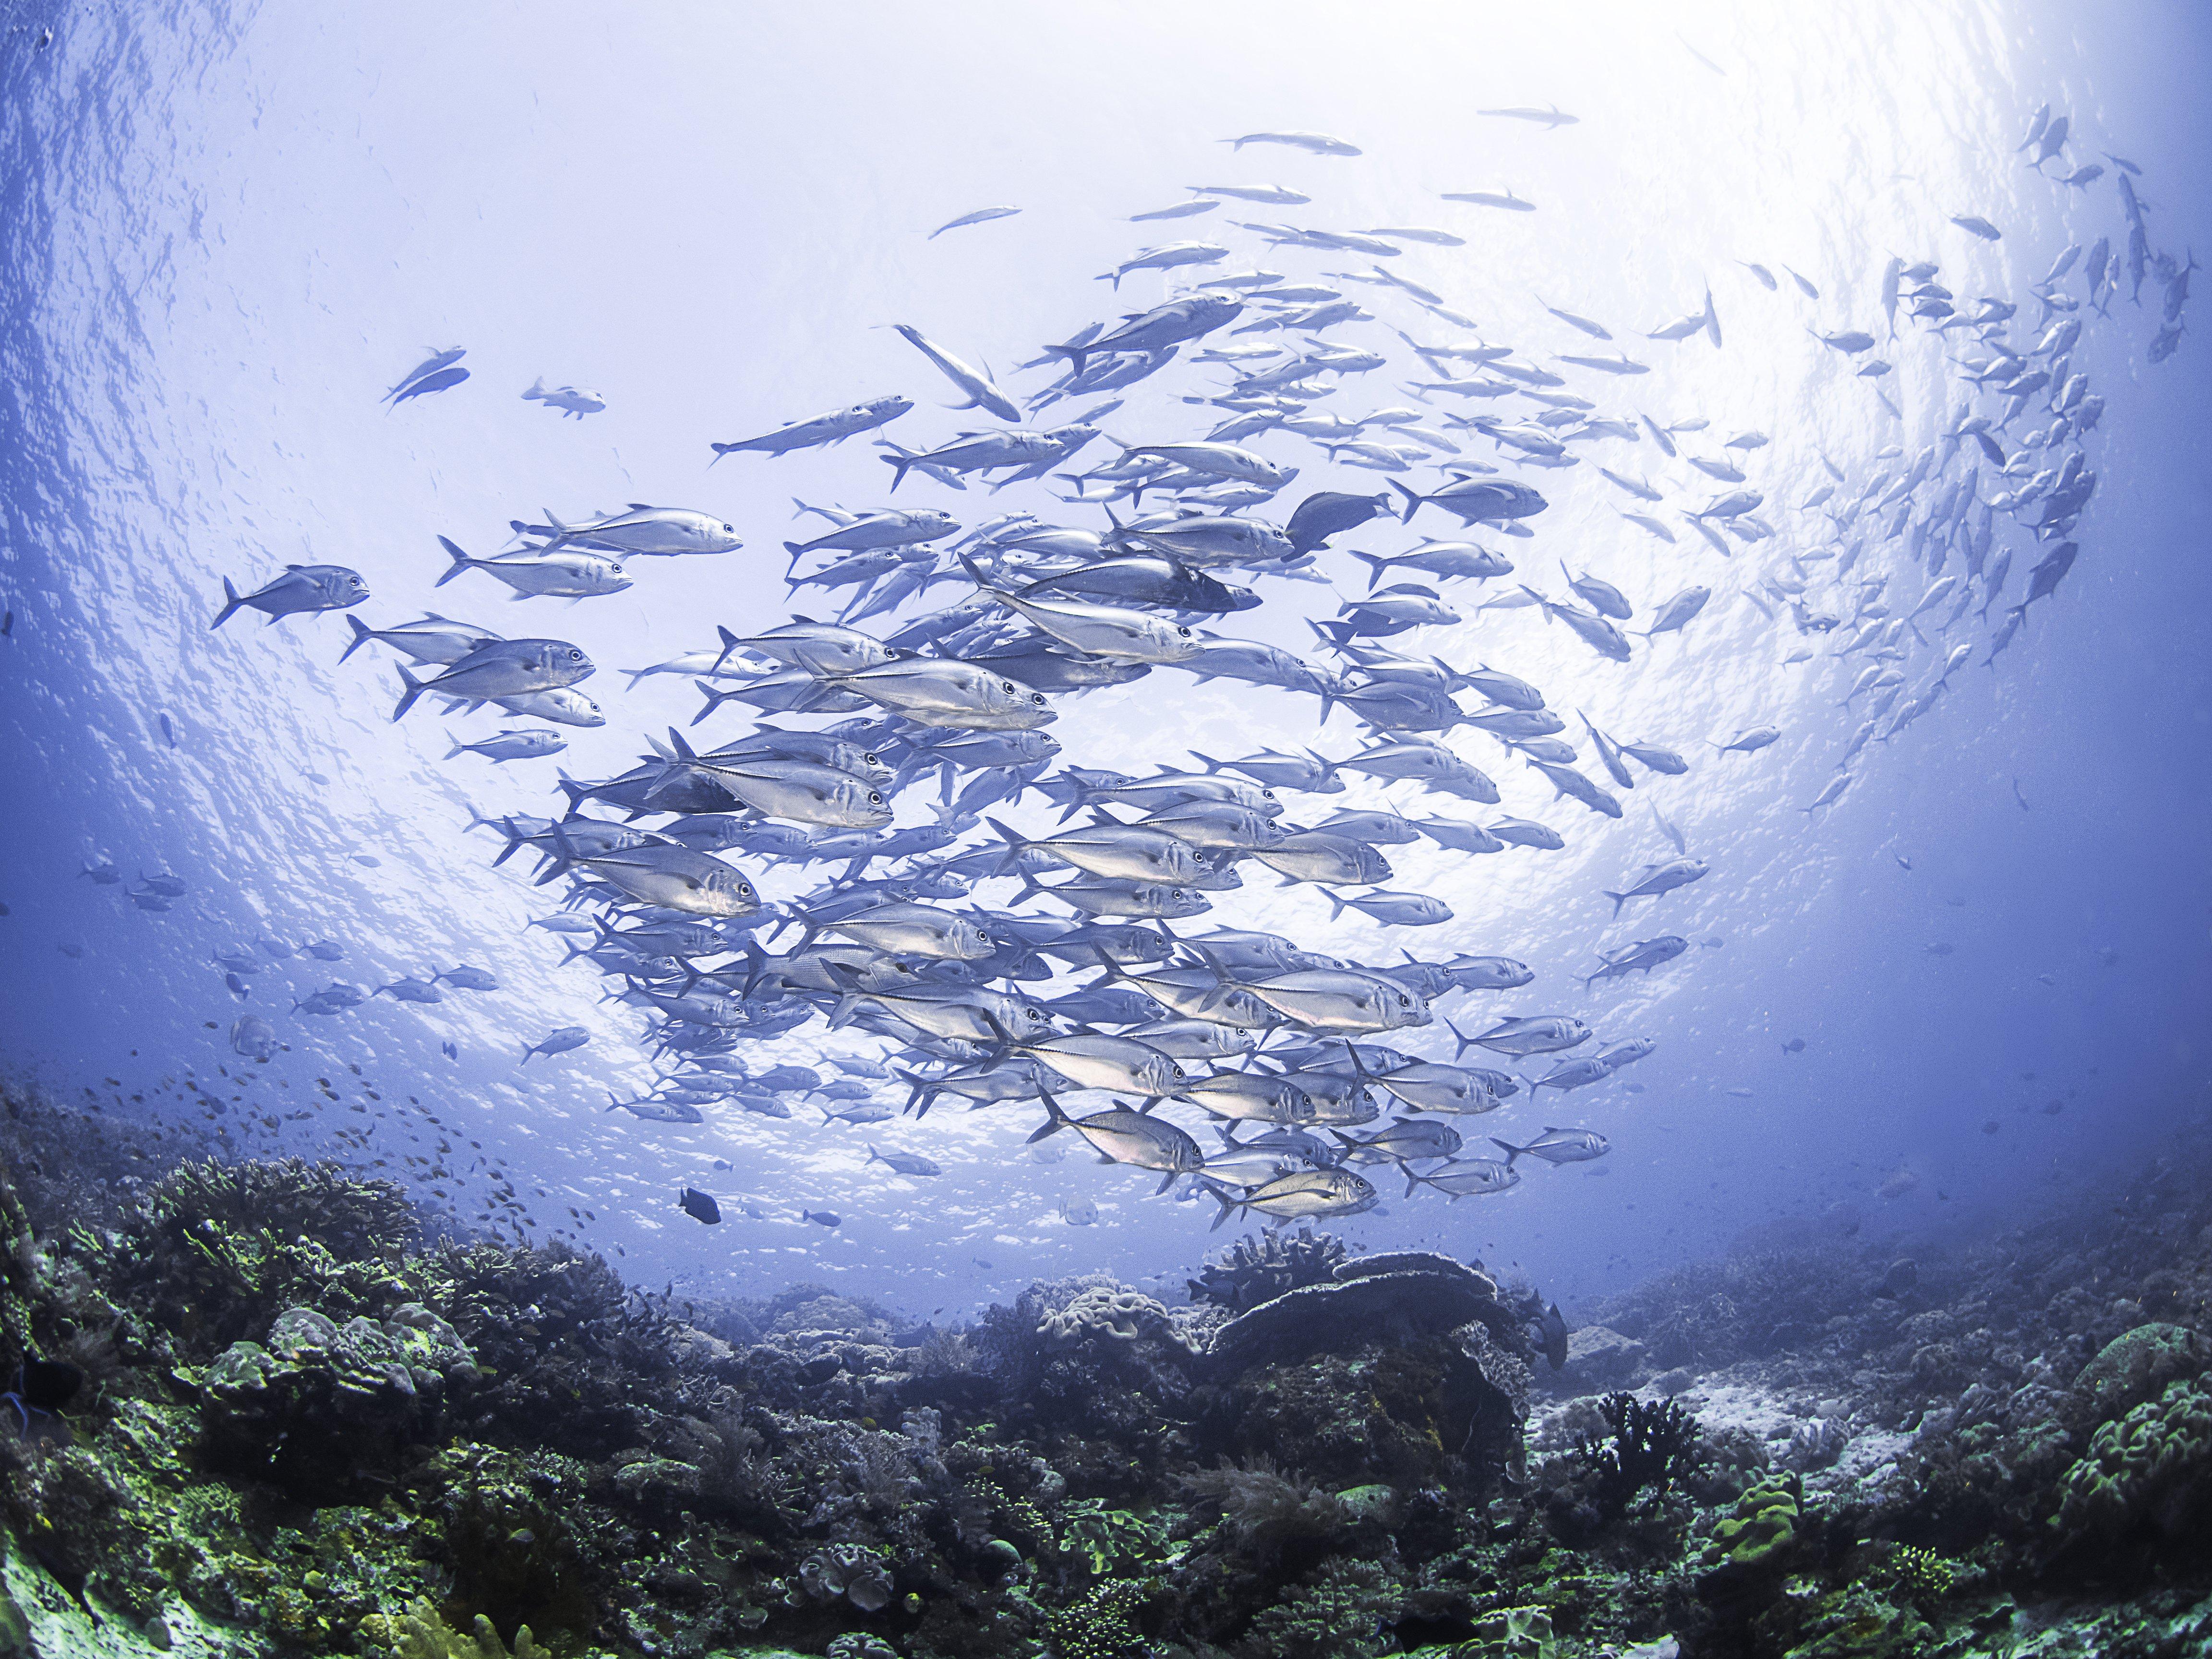 Sea Seabed Karalli School Of Fish Nature Ocean Underwater